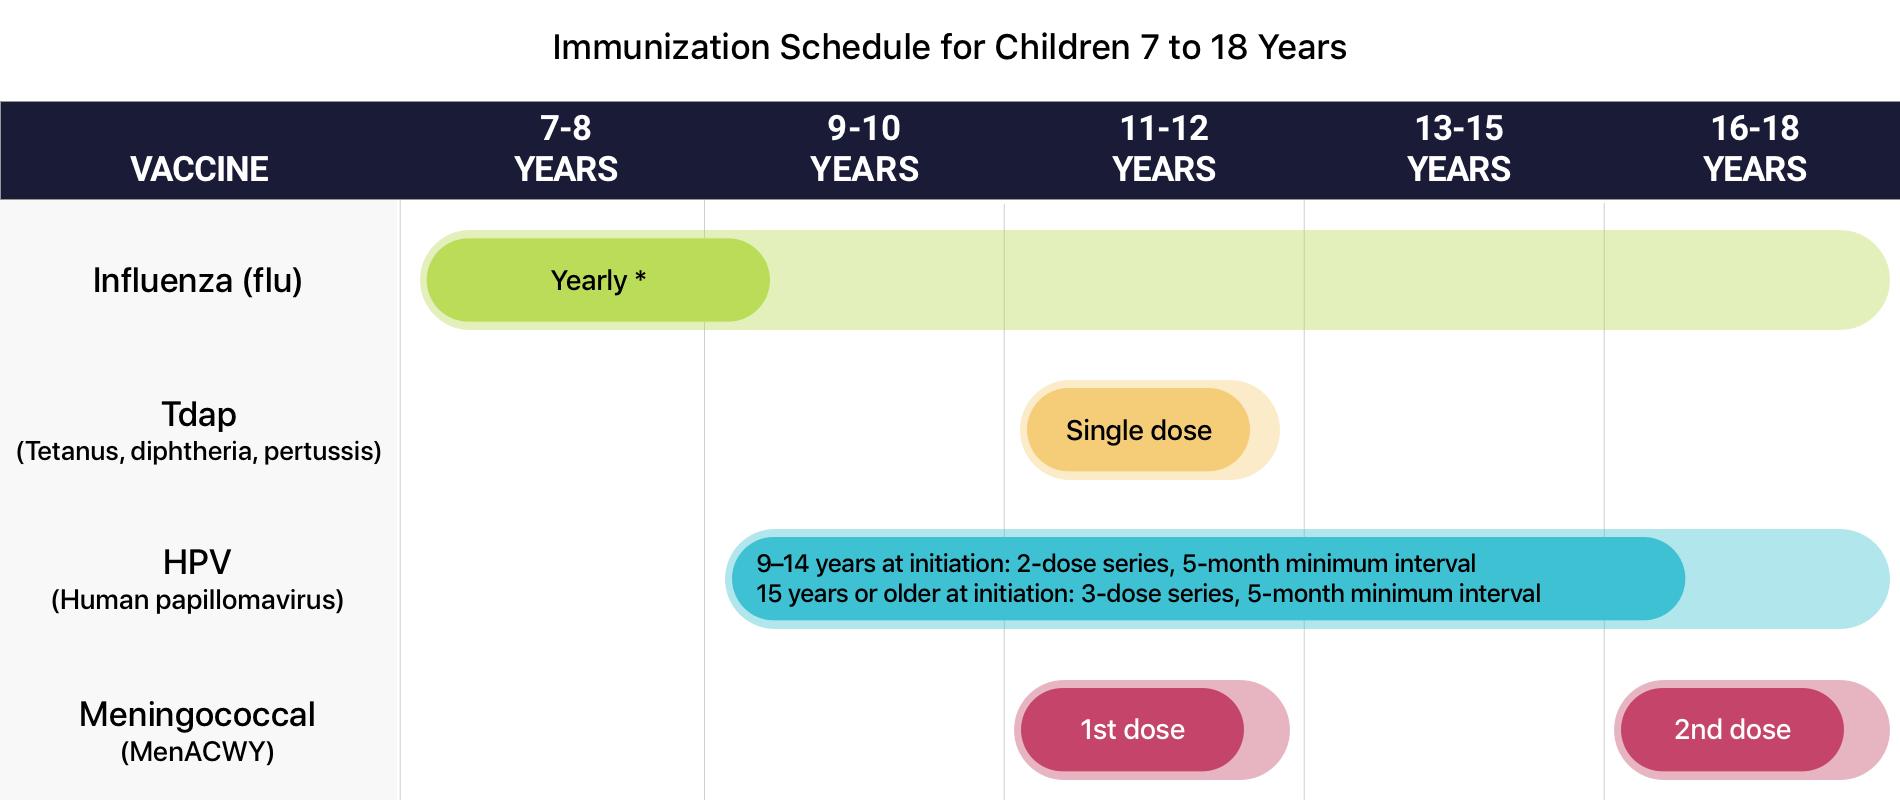 papillomavirus vaccination series